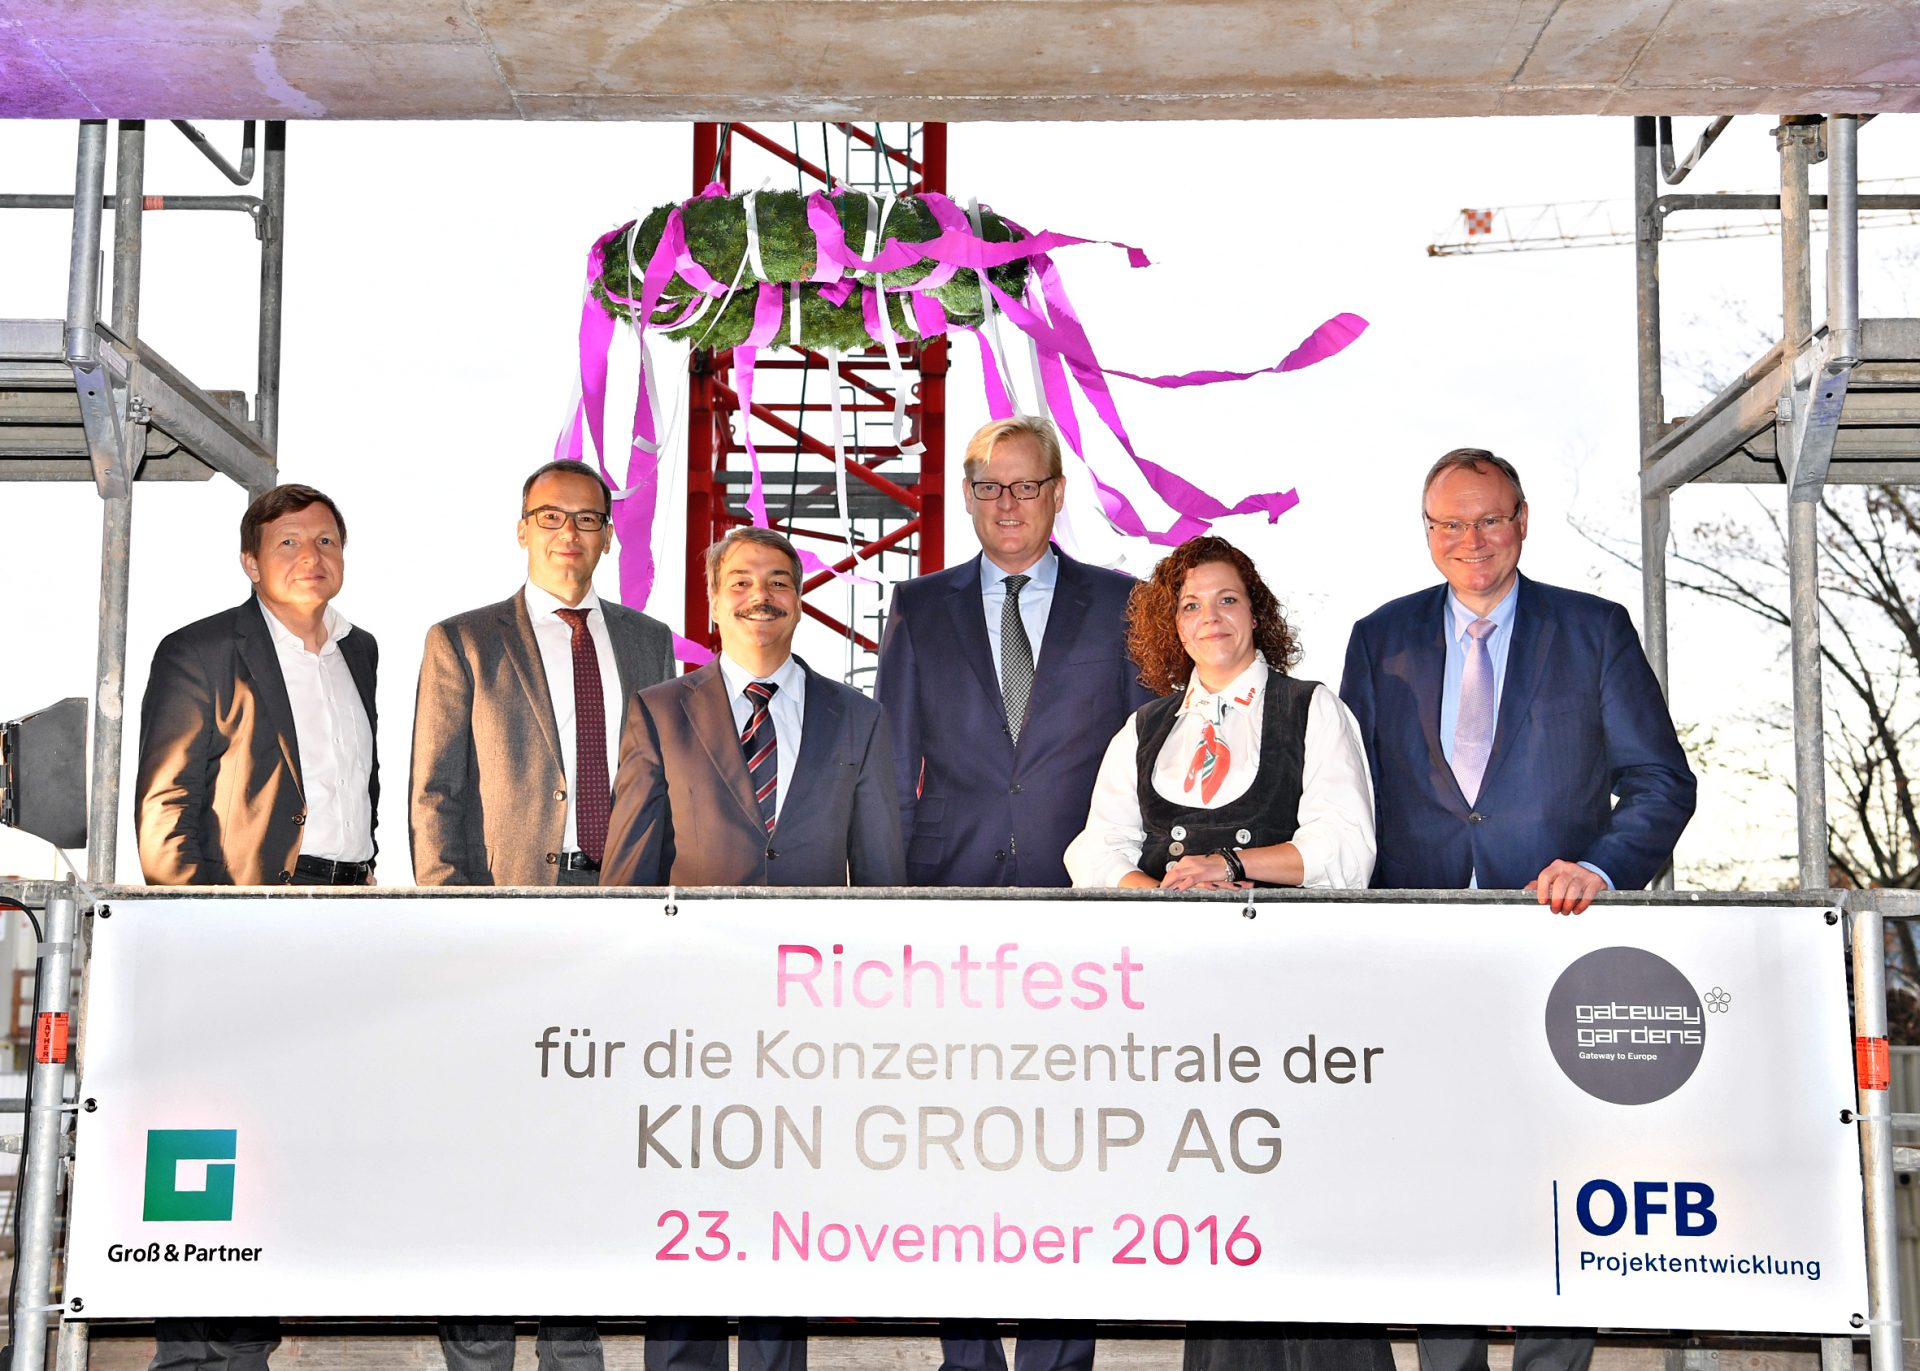 gateway-gardens-pressemitteilung-richtfest-fuer-konzernzentrale-der-kion-group-vom-23-11-2016-foto-in-hoher-aufloesung